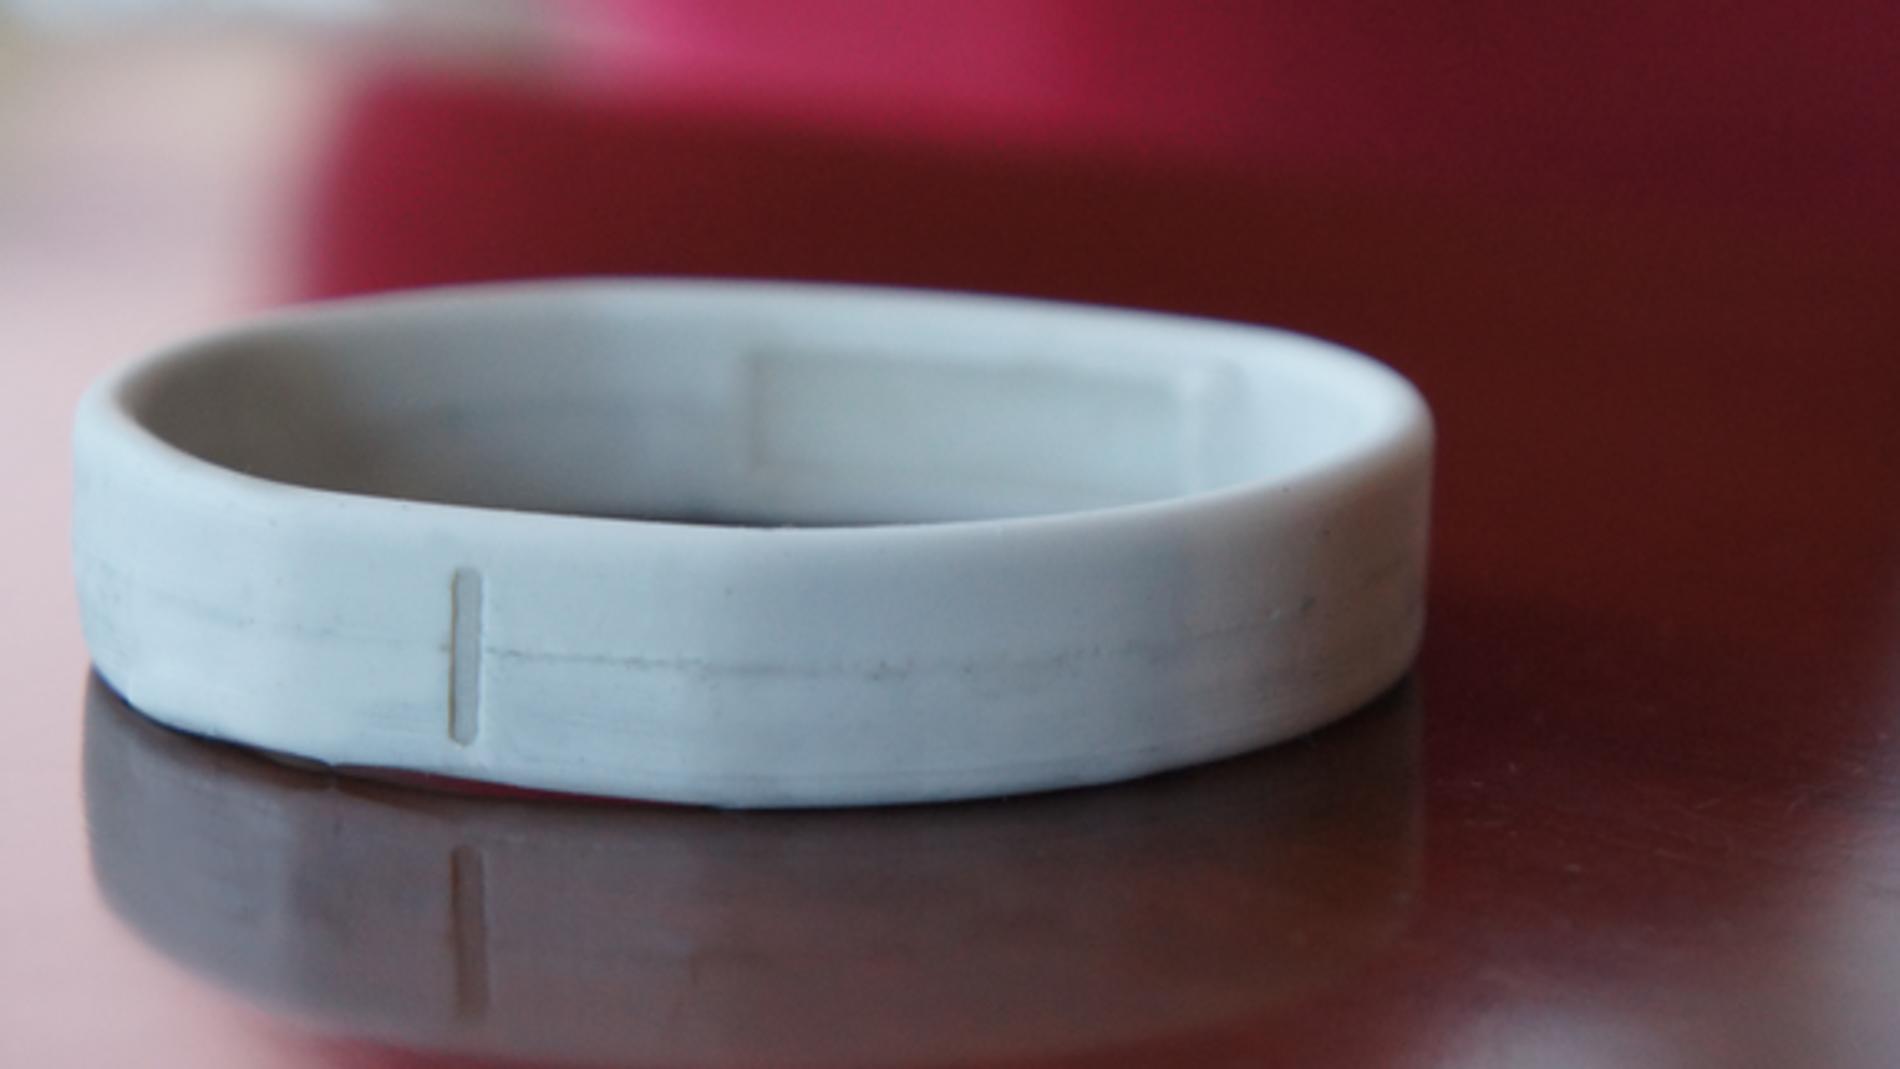 Una pulsera inteligente que funciona con NFC